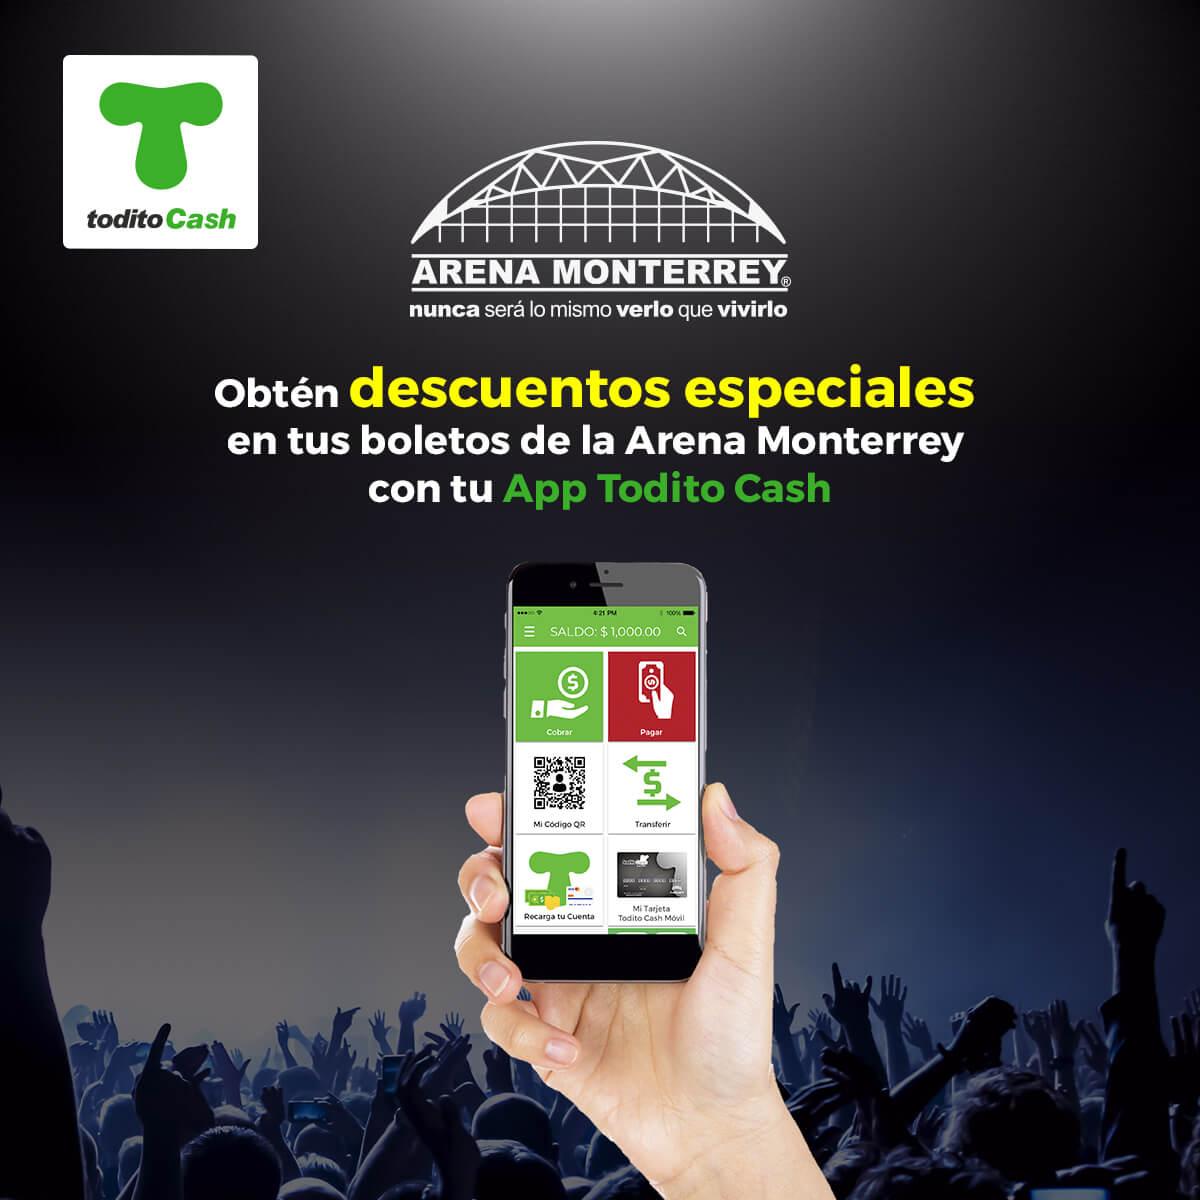 Rich casino México codigo promocional todito cash-360098